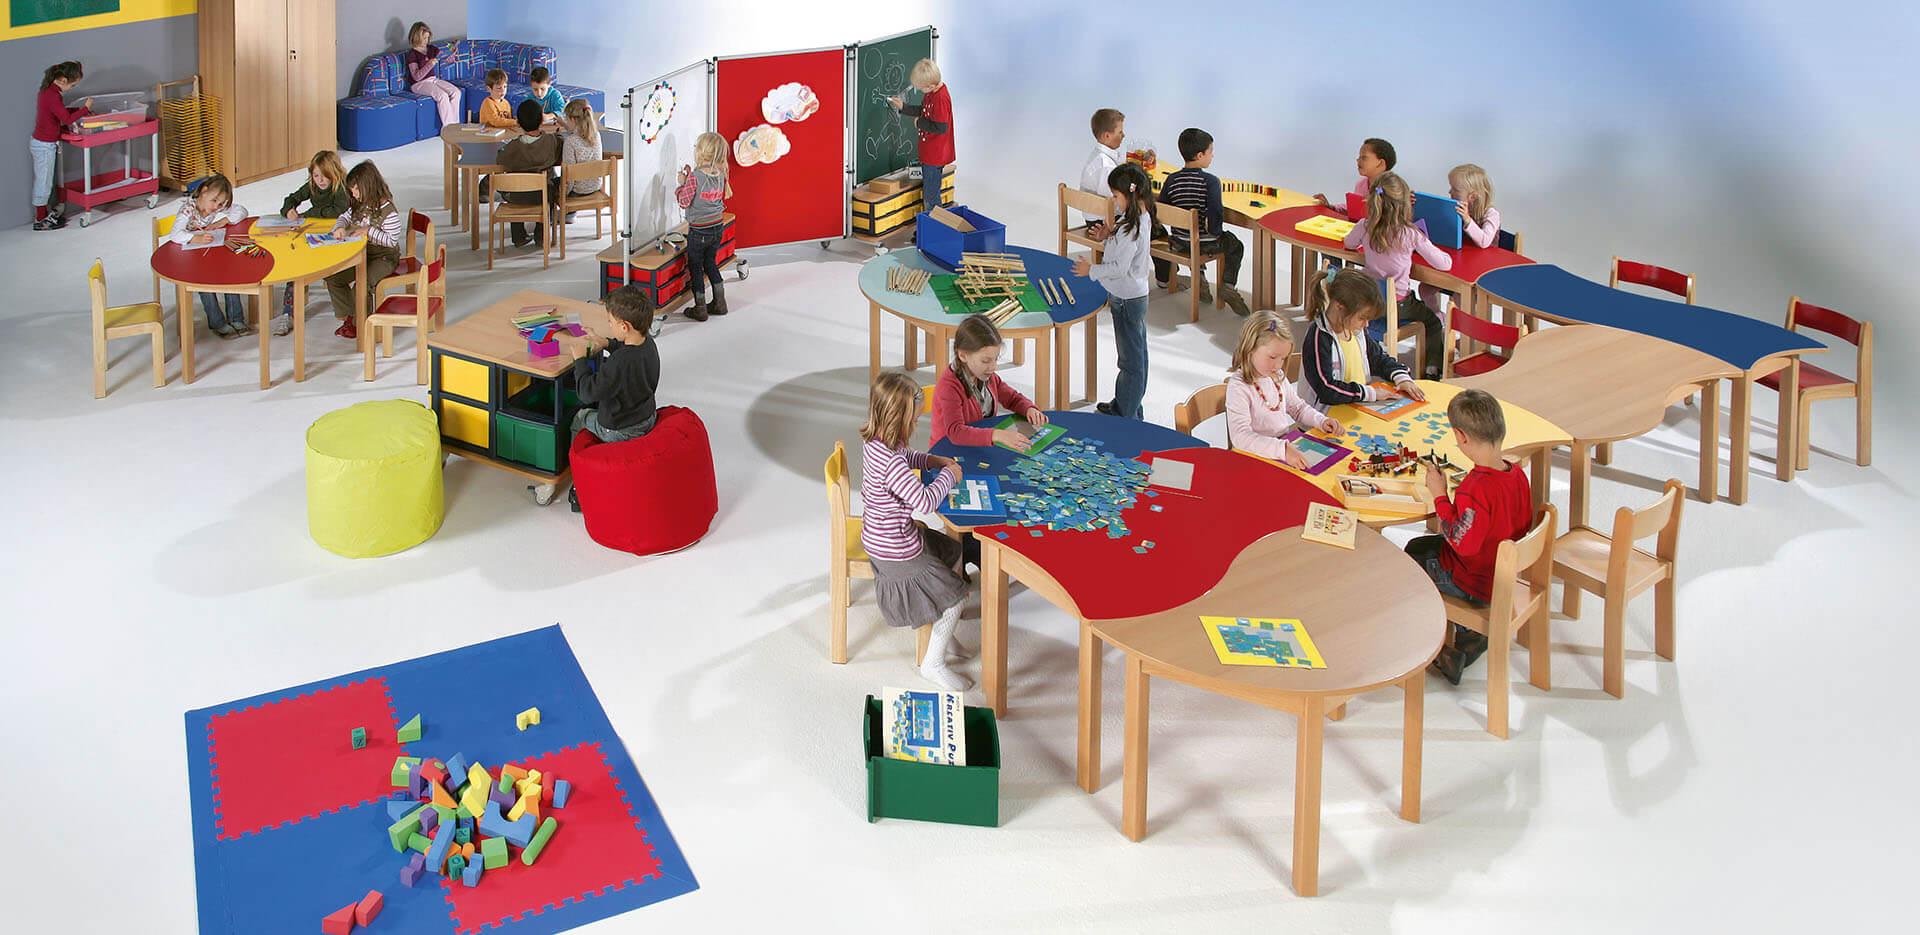 Einrichtung für Kitas/Bildungseinrichtungen